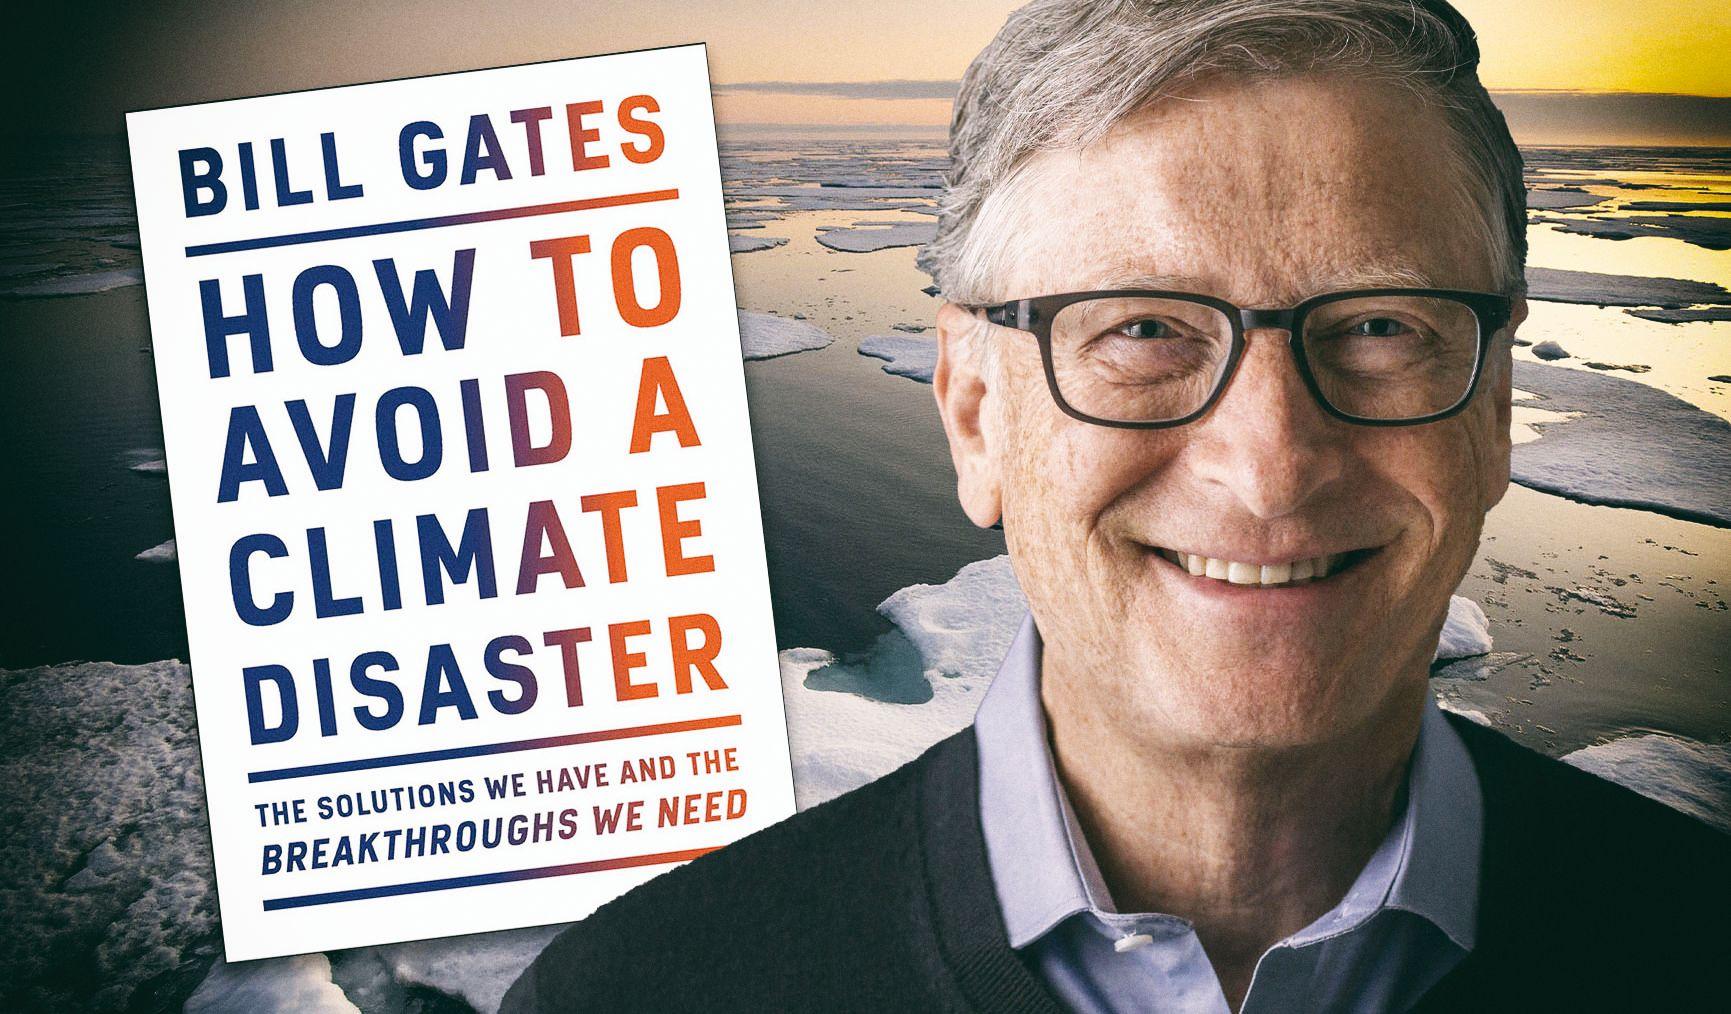 Билл Гейтс раскритиковал идею электрической авиации в новой книге